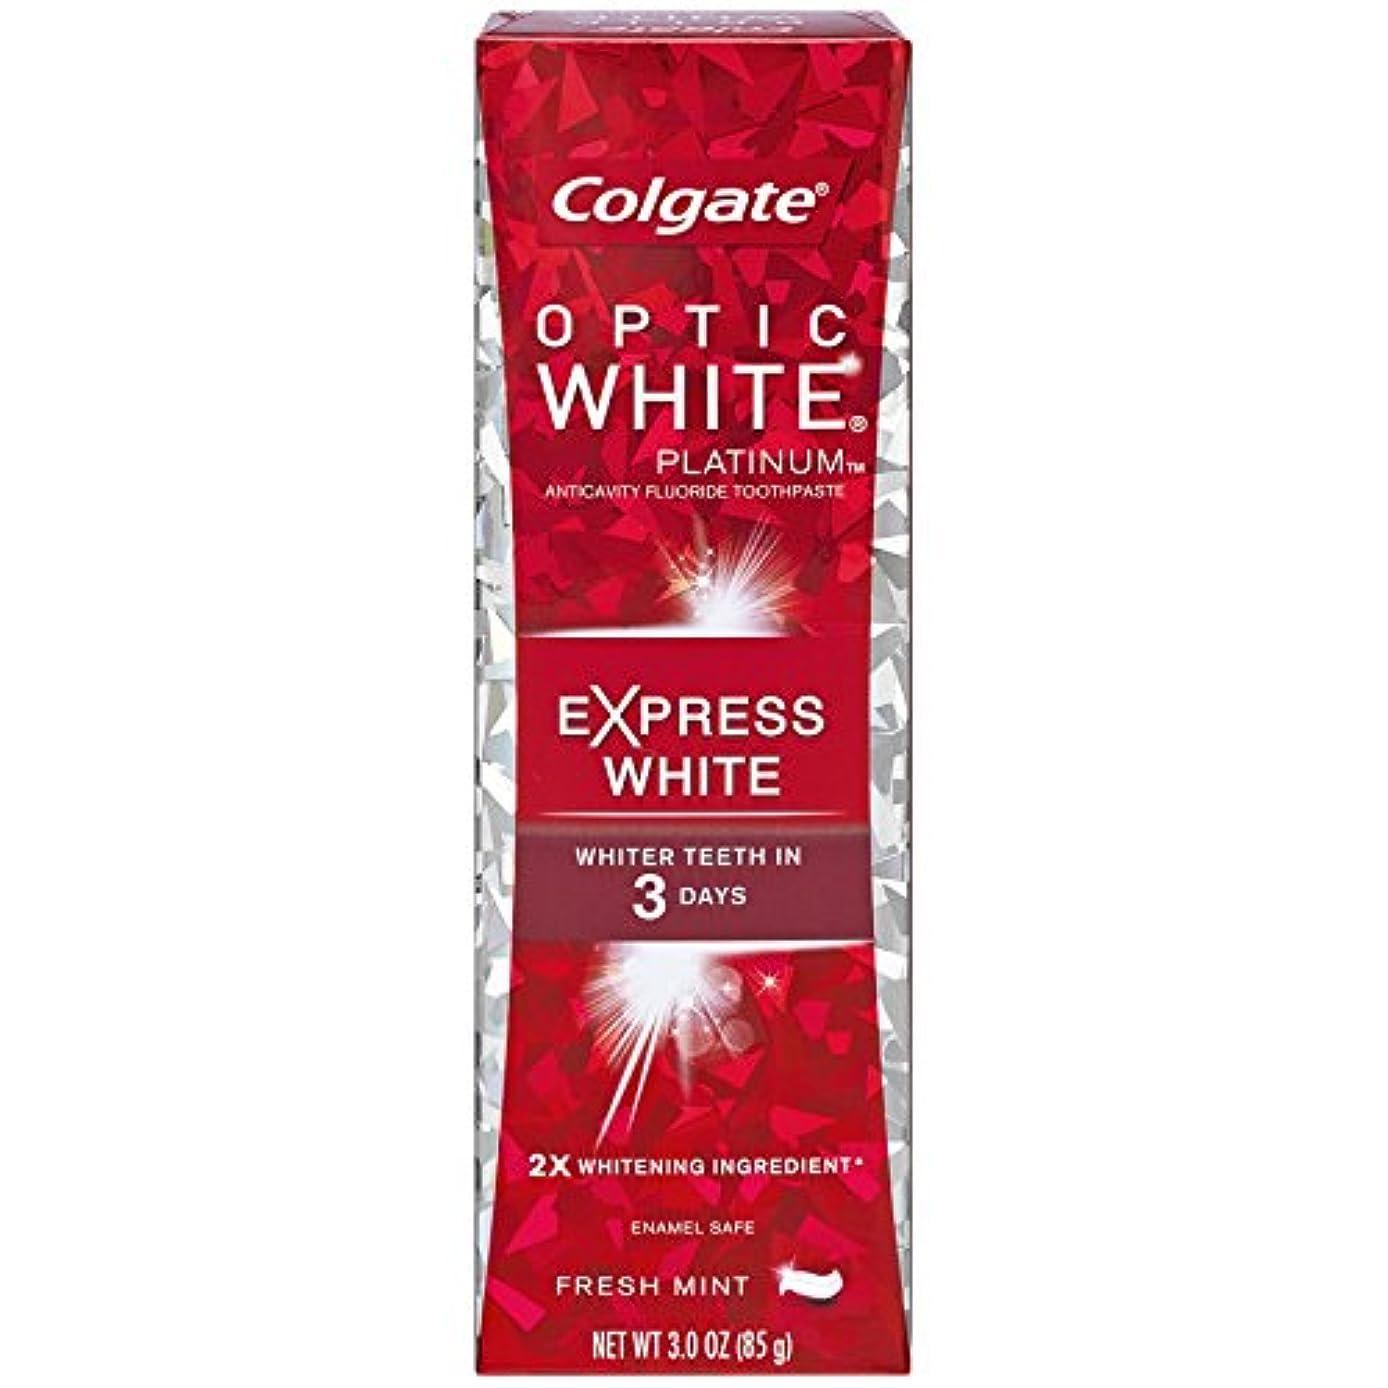 固有の後方に作動するコルゲート 歯みがき粉 オプティック ホワイト 3Days エクスプレス ホワイト